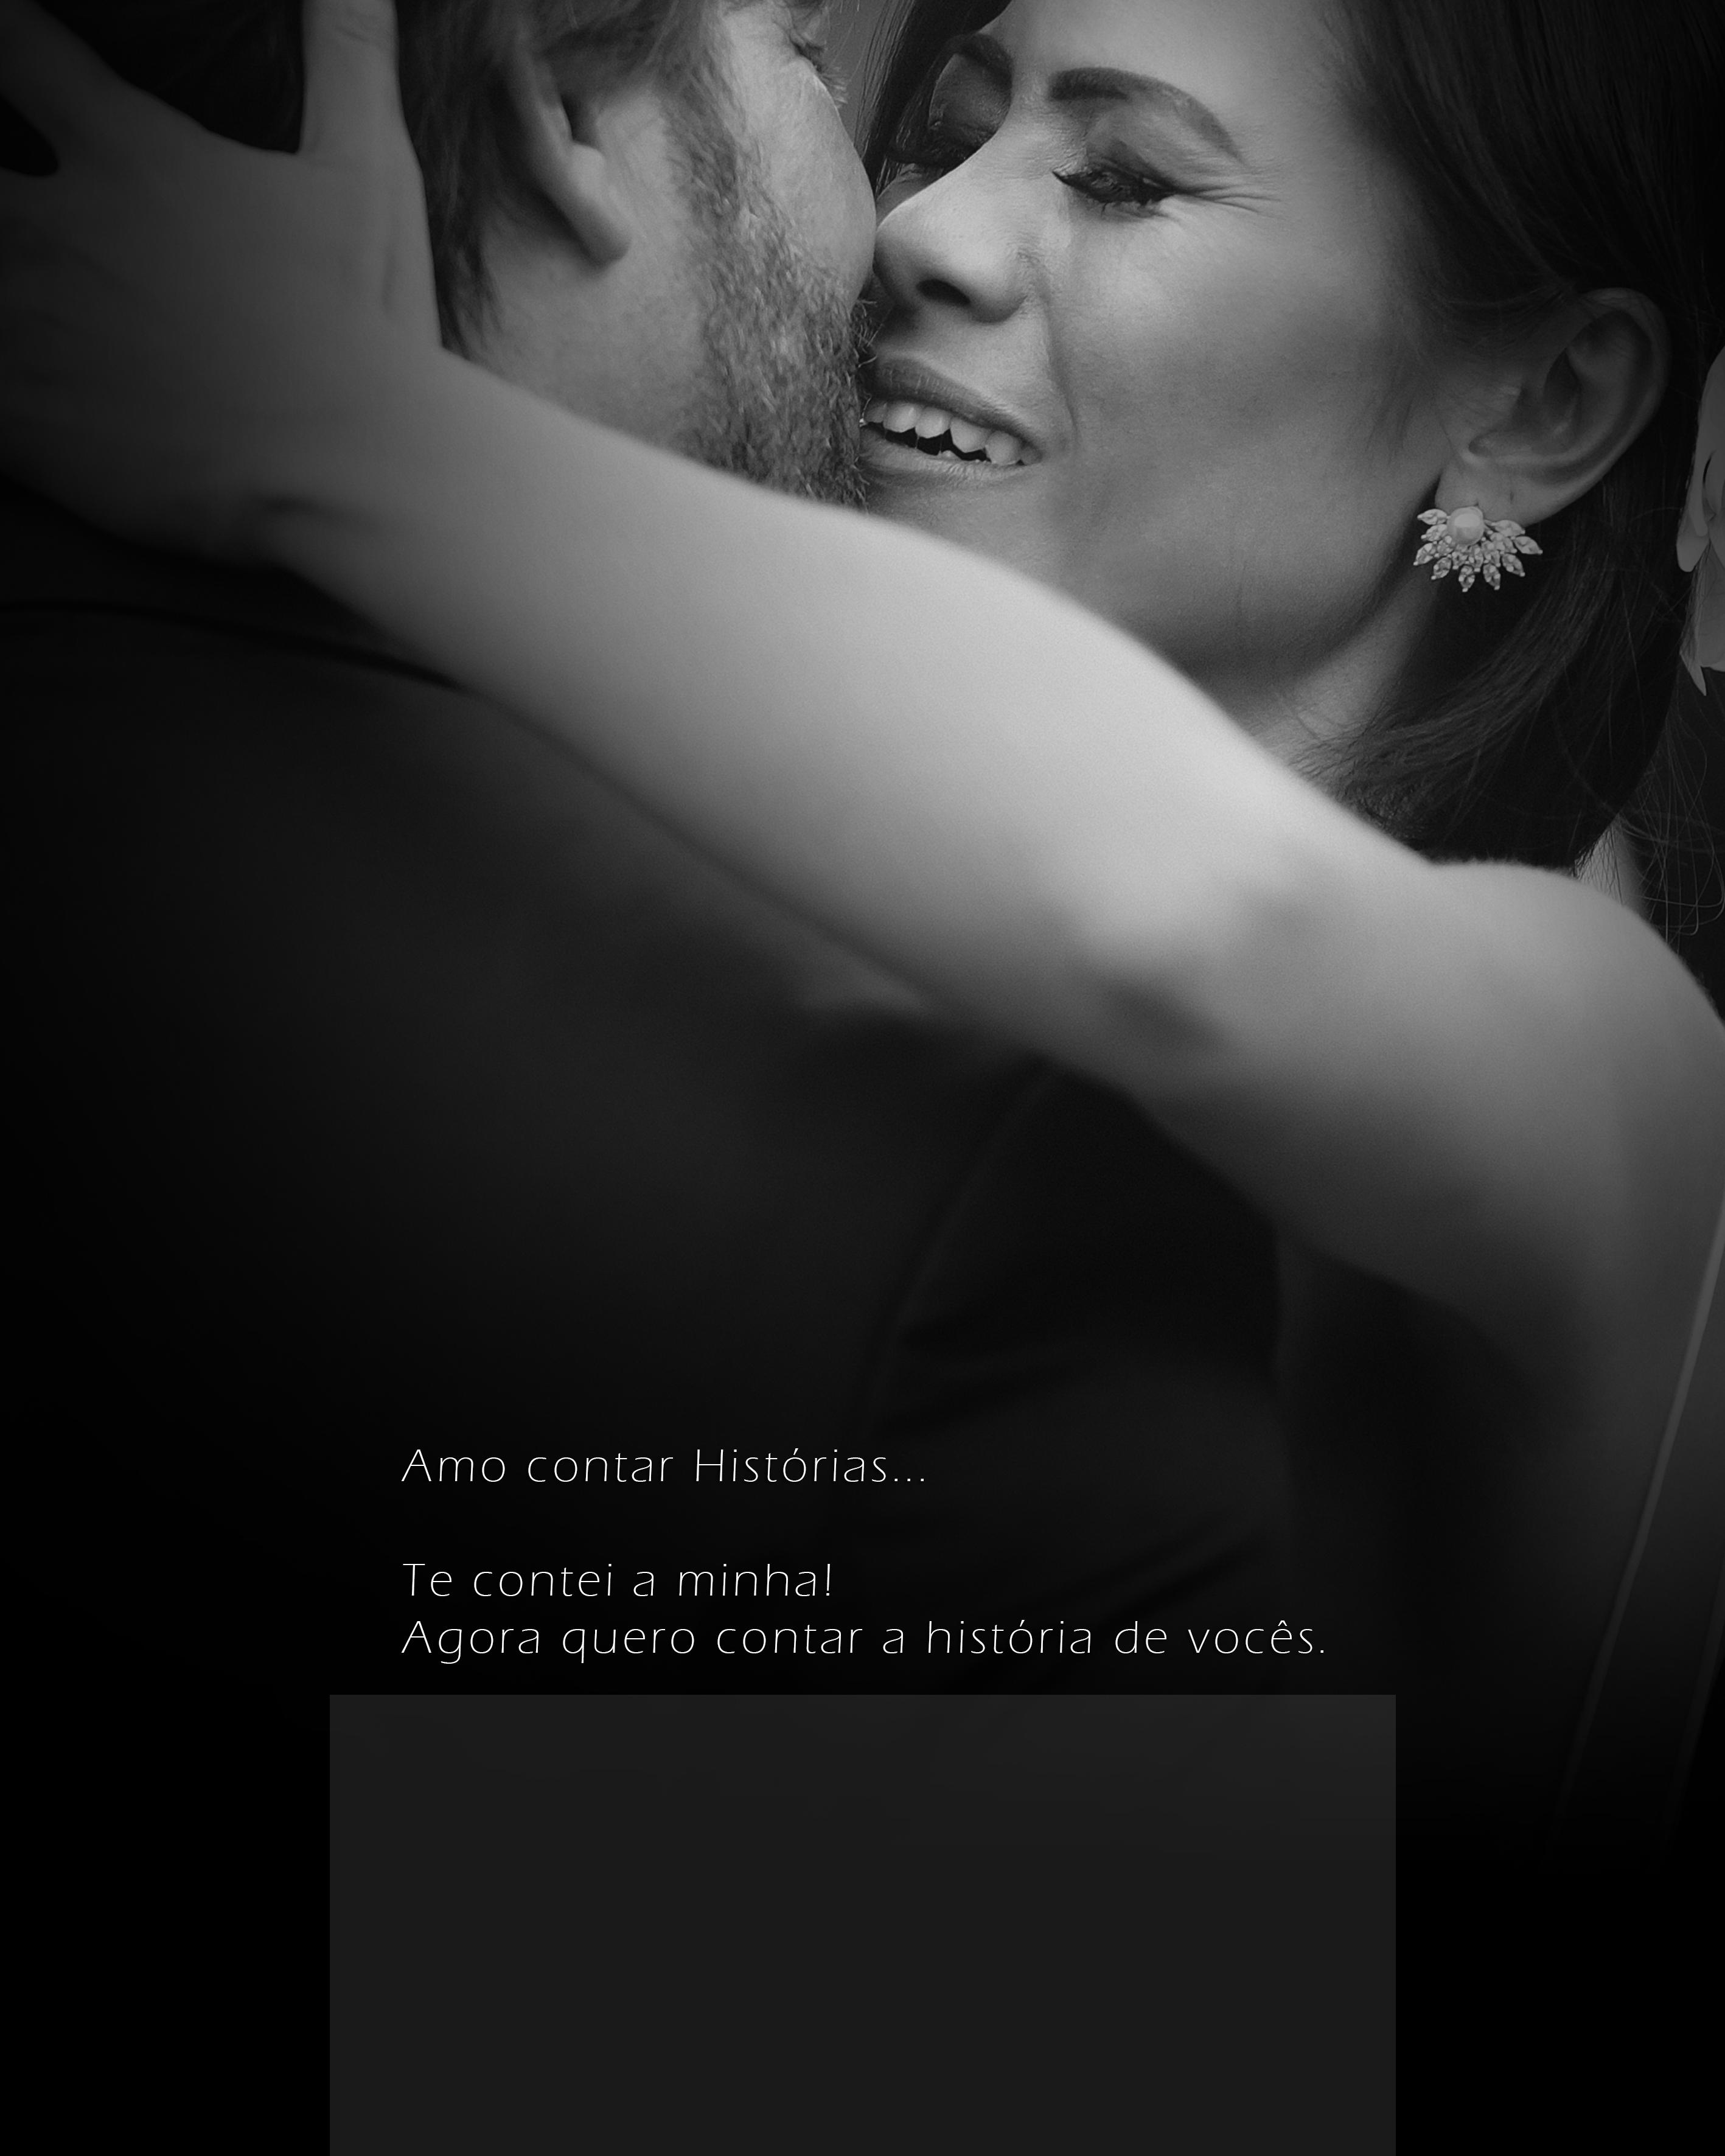 Contate Guto Correa - Fotógrafo de casamento